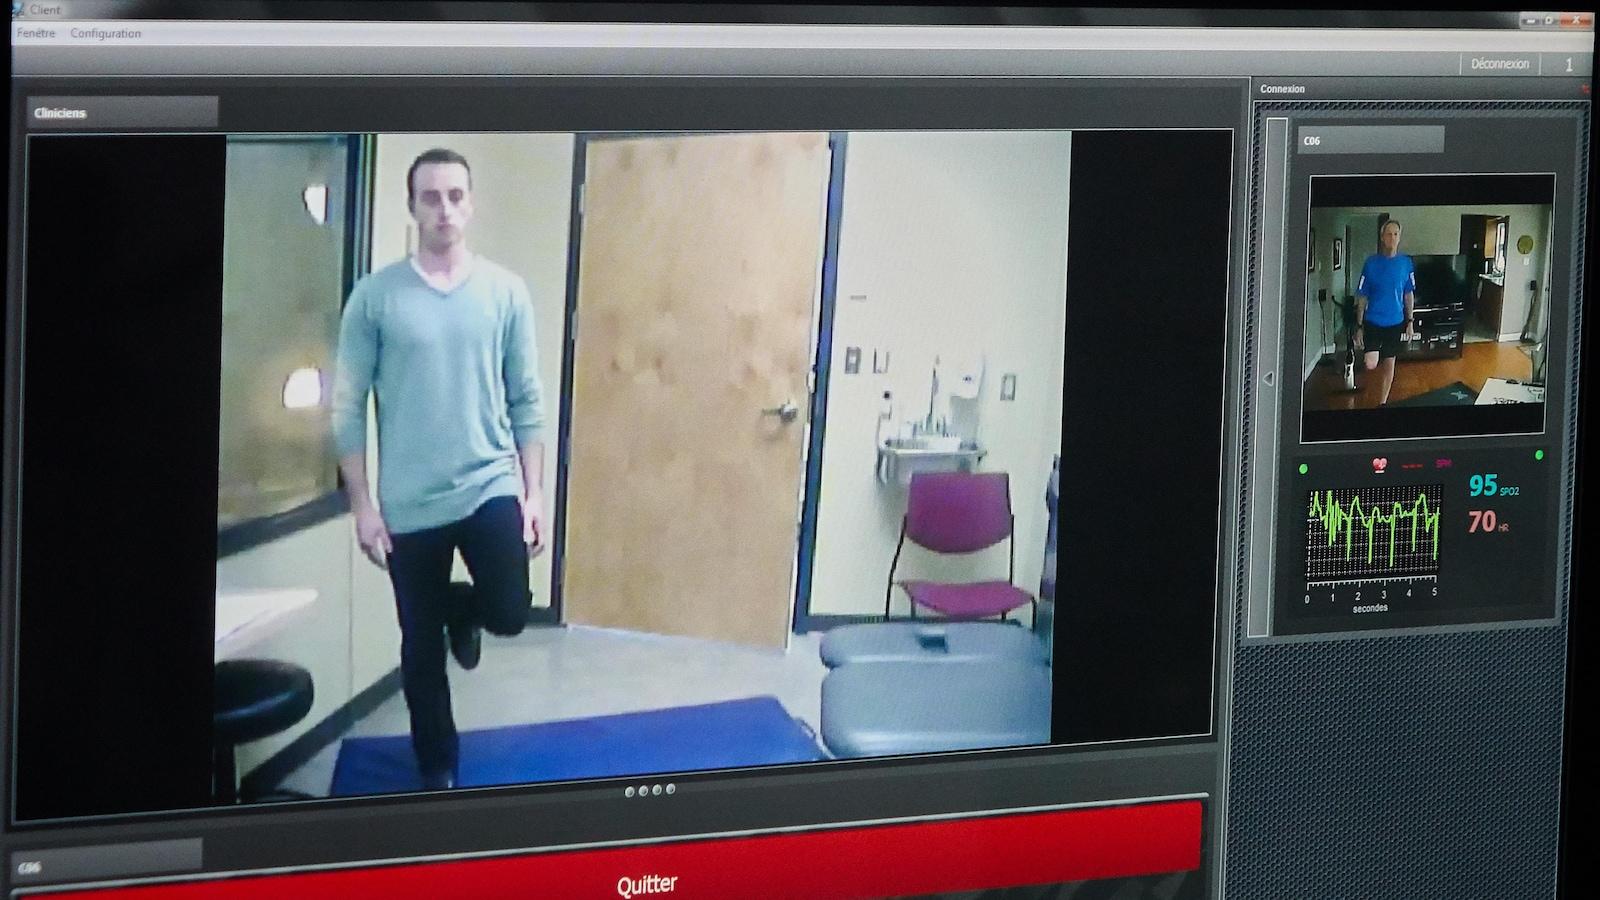 Deux écrans, un montrant le physiothérapeute, et l'autre montrant le patient